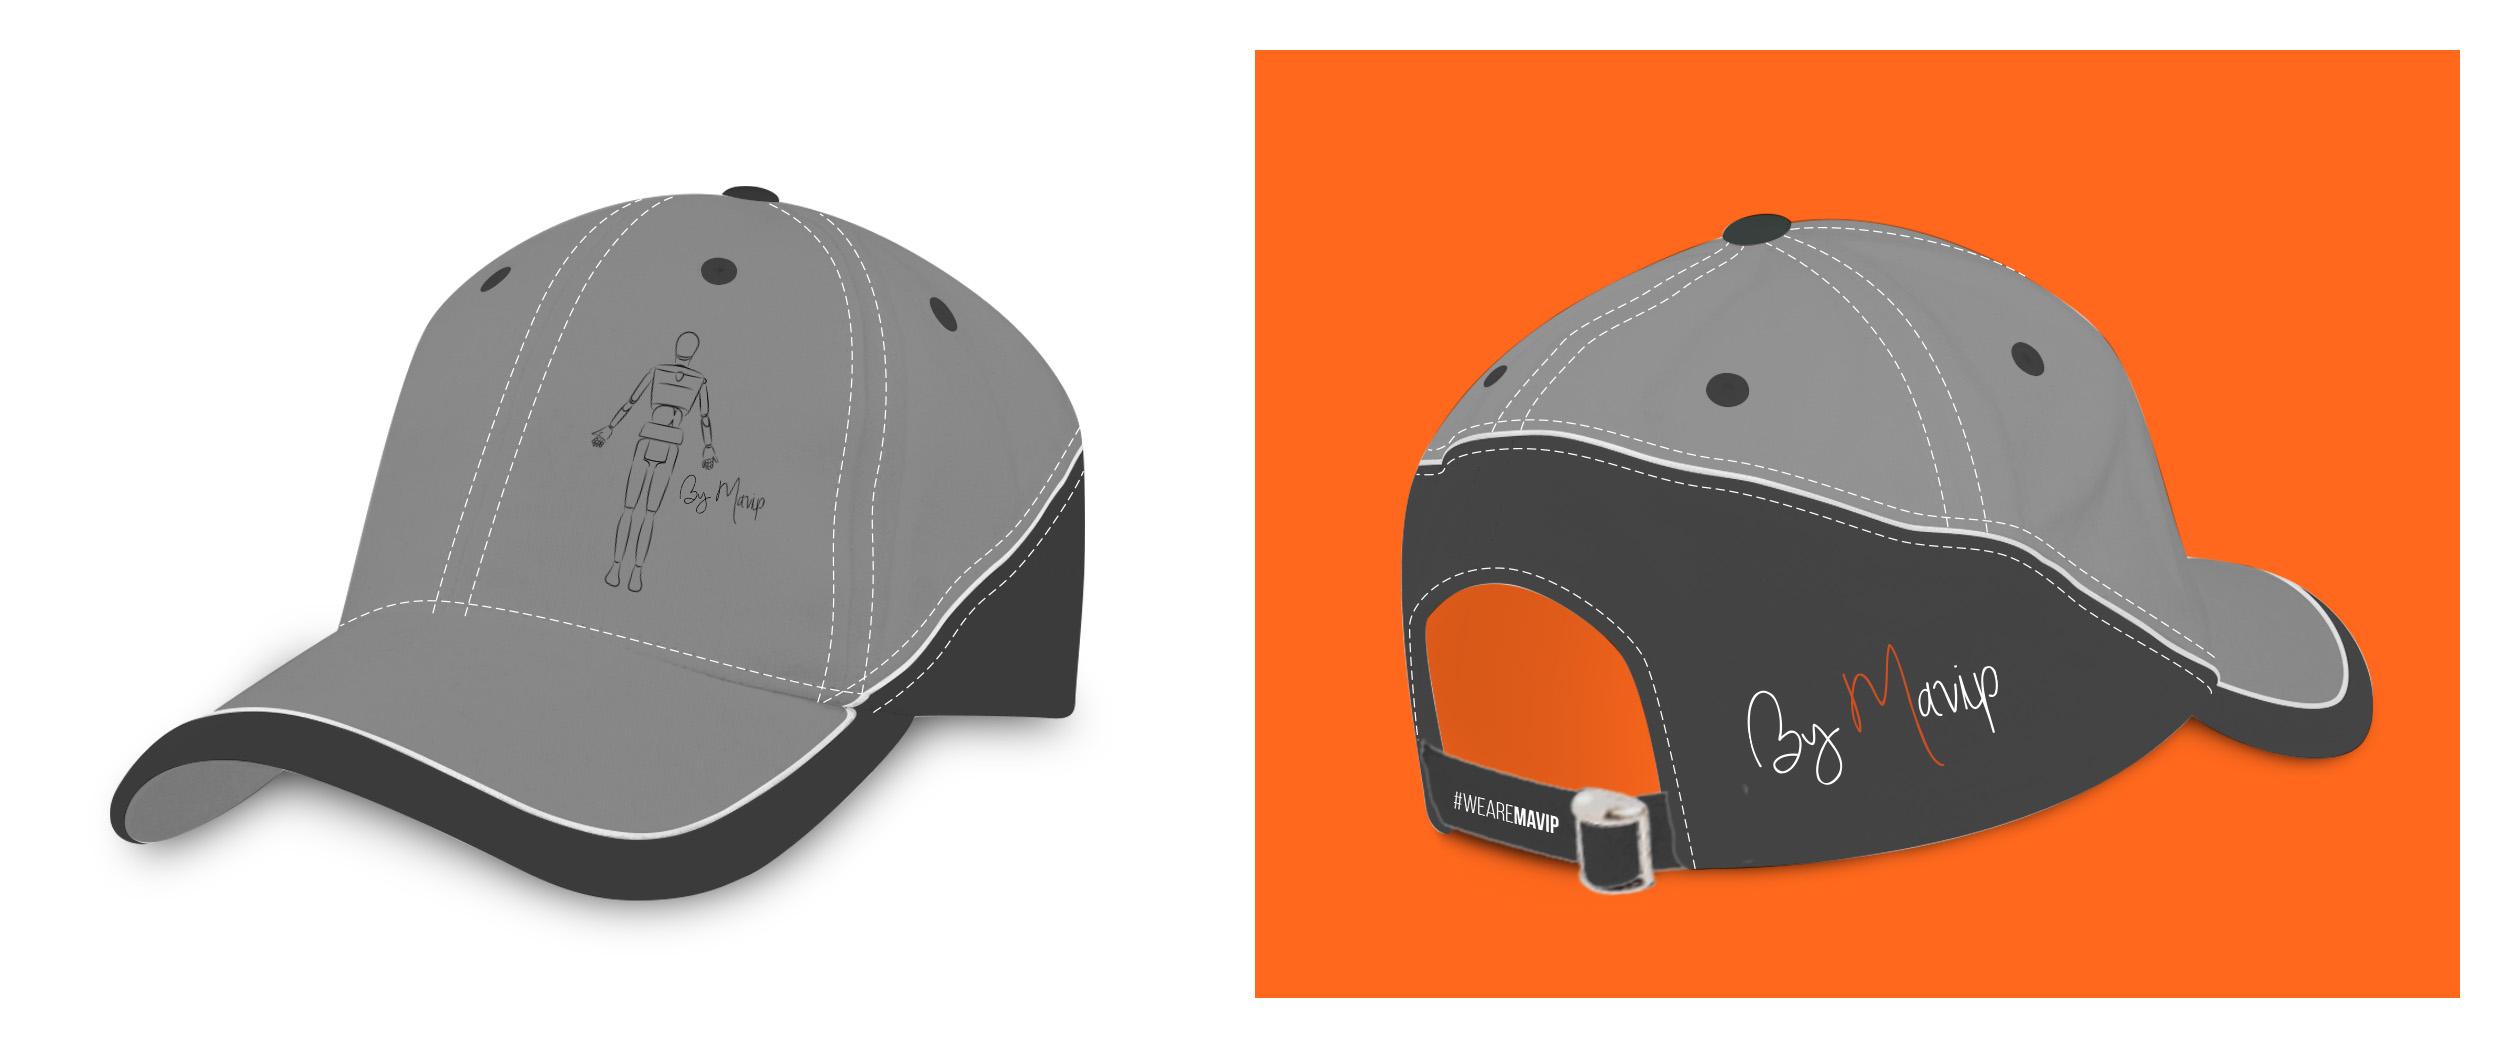 Casquette personnalisée avec logo d'entreprise by Mavip